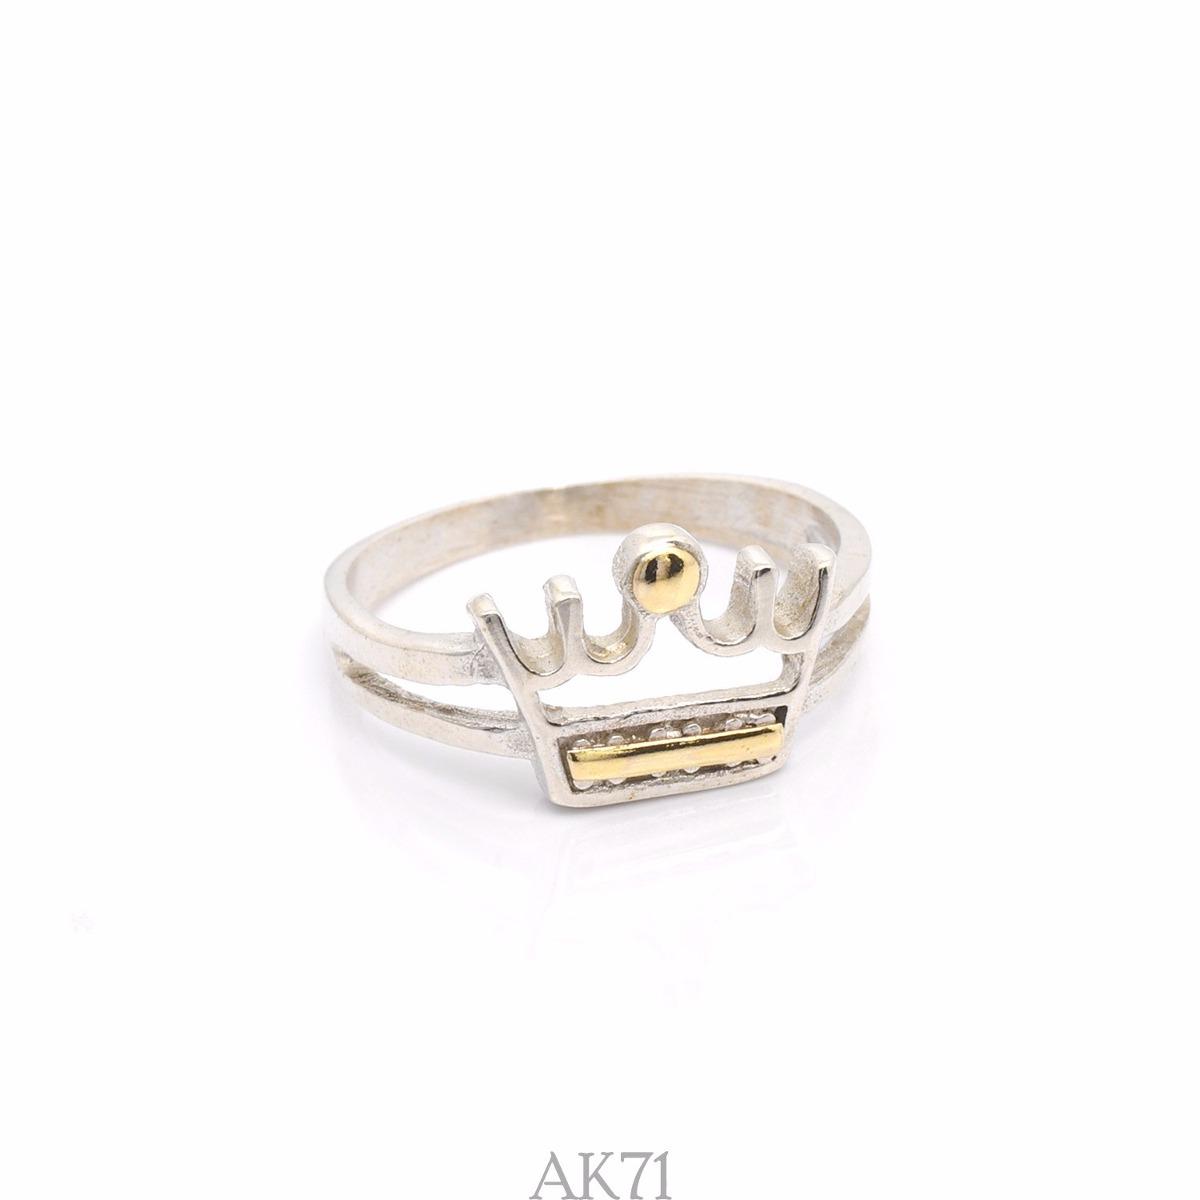 22302a76520a anillo de plata y oro - corona - ak71. Cargando zoom.